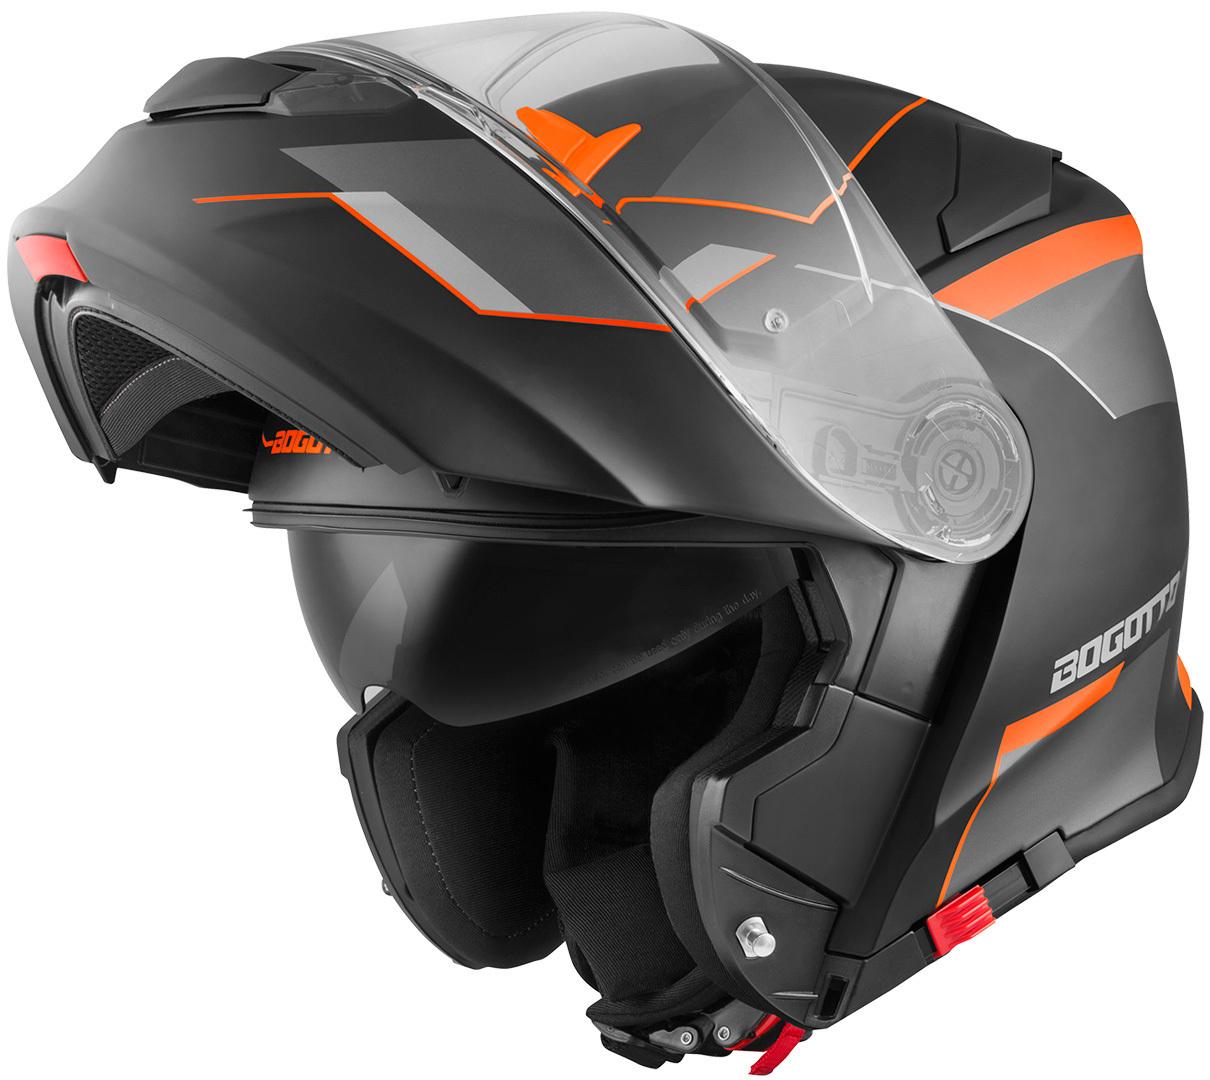 Bogotto V271 Delta Klapphelm, schwarz-orange, Größe M, schwarz-orange, Größe M